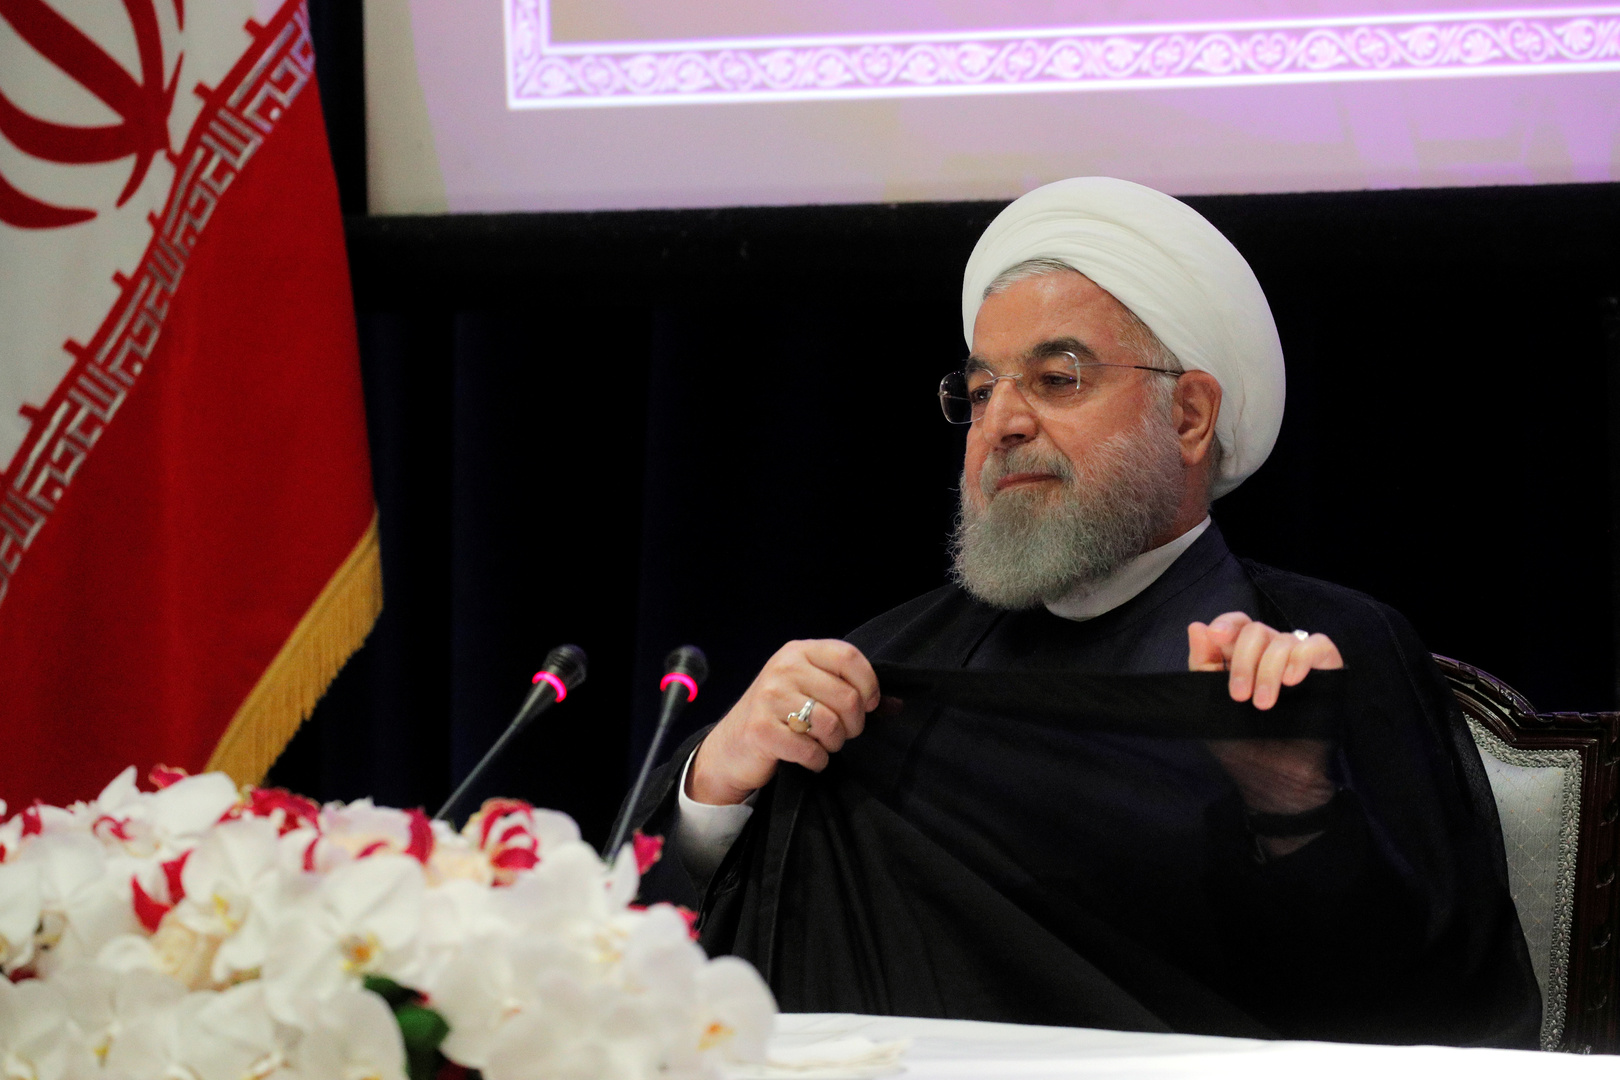 البرلمان الإيراني يطالب باستجواب روحاني على خلفية الوضع الاقتصادي في البلاد